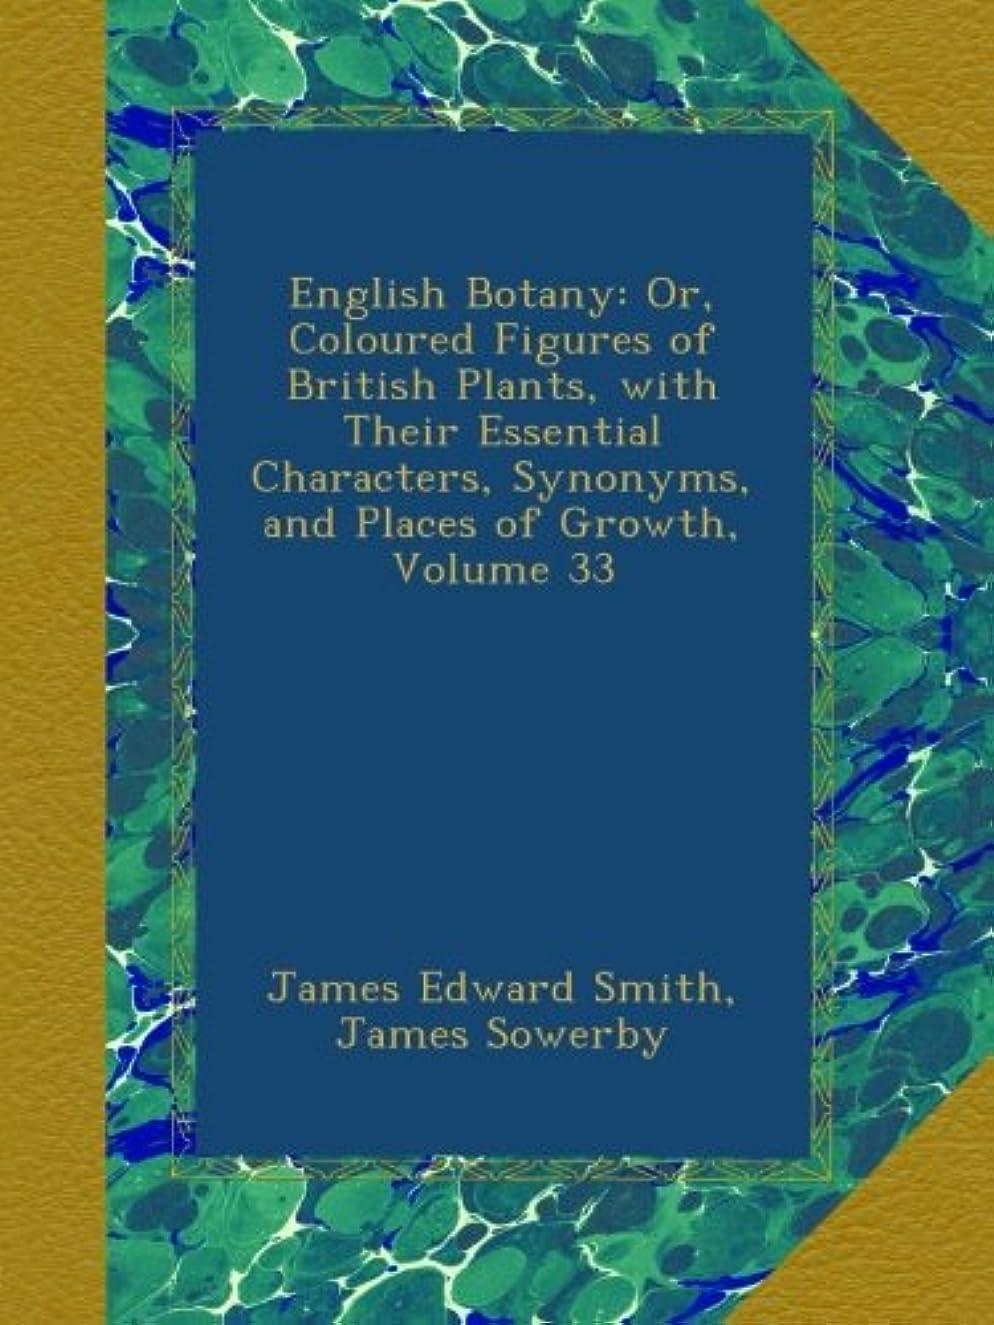 消費者リングバックアルコールEnglish Botany: Or, Coloured Figures of British Plants, with Their Essential Characters, Synonyms, and Places of Growth, Volume 33